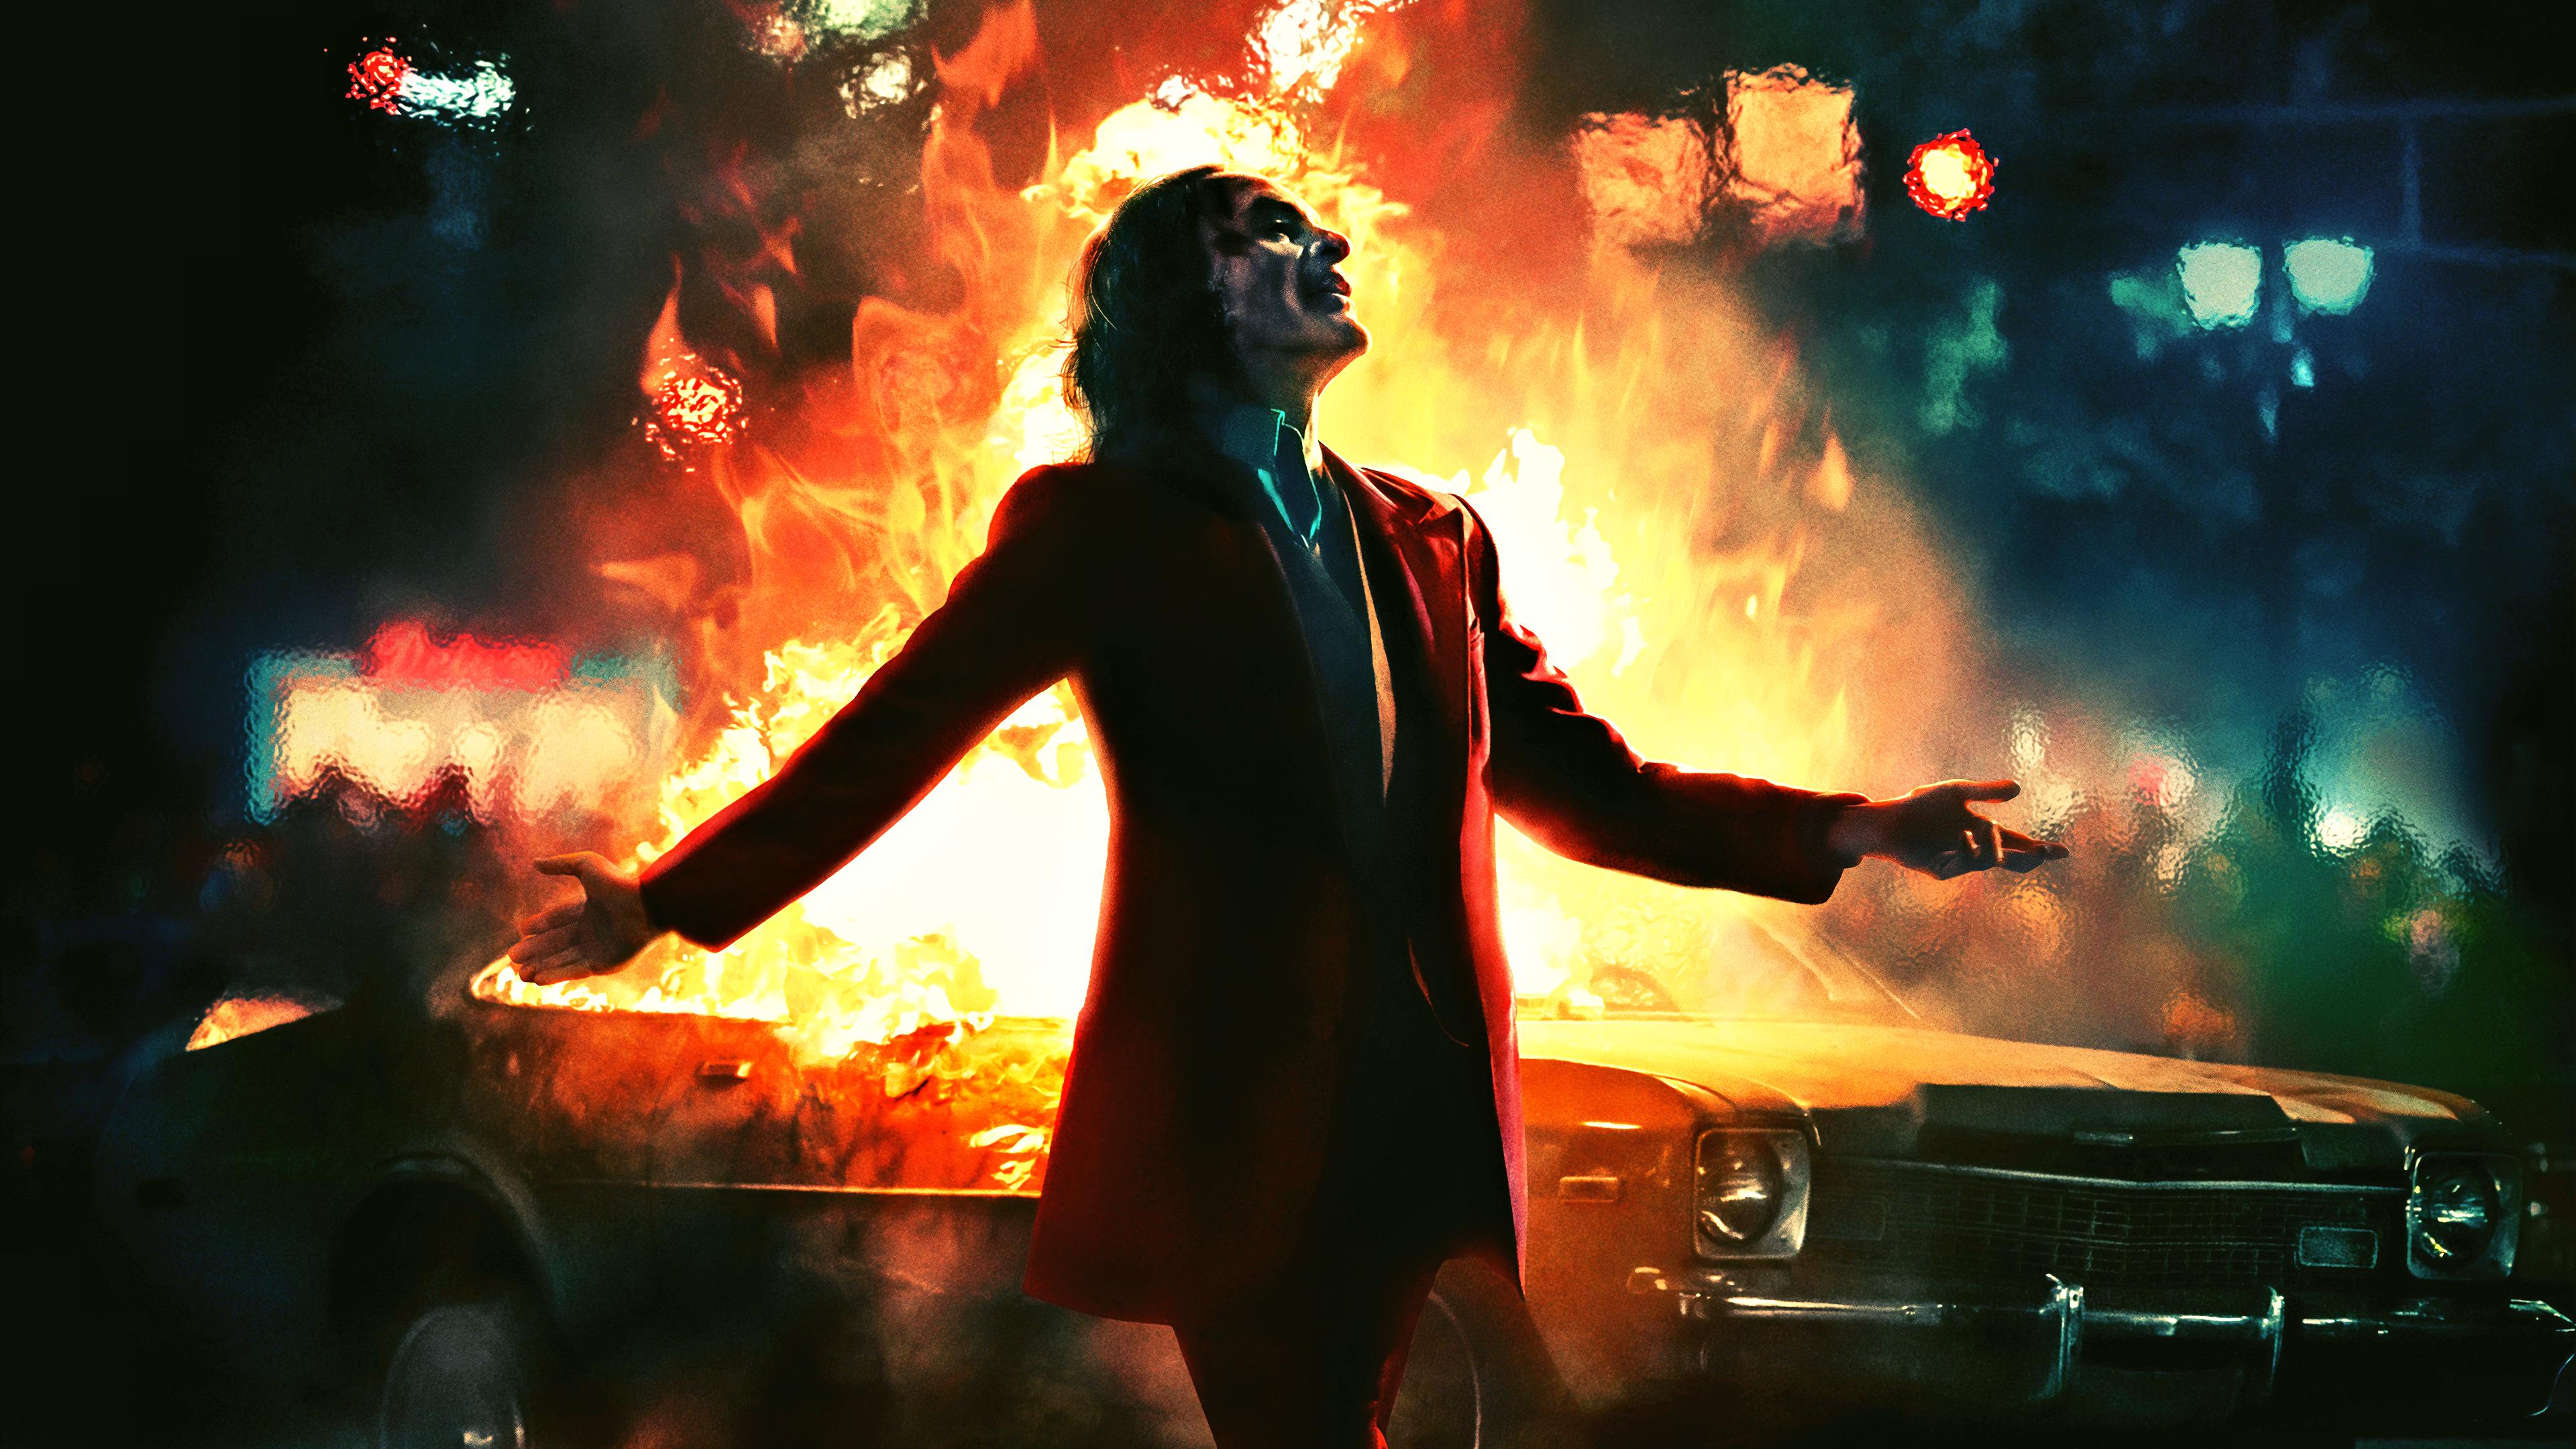 デスクトップ壁紙 Joker 19 Movie ゴッサム市 Paint Brushes Dcコミック ジョーカー バットマン Dcユニバース ピエロ 悪役 Super Villain 漫画 映画のキャラクター デジタルアート アートワーク 架空の人物 Fictional Characters ホアキン